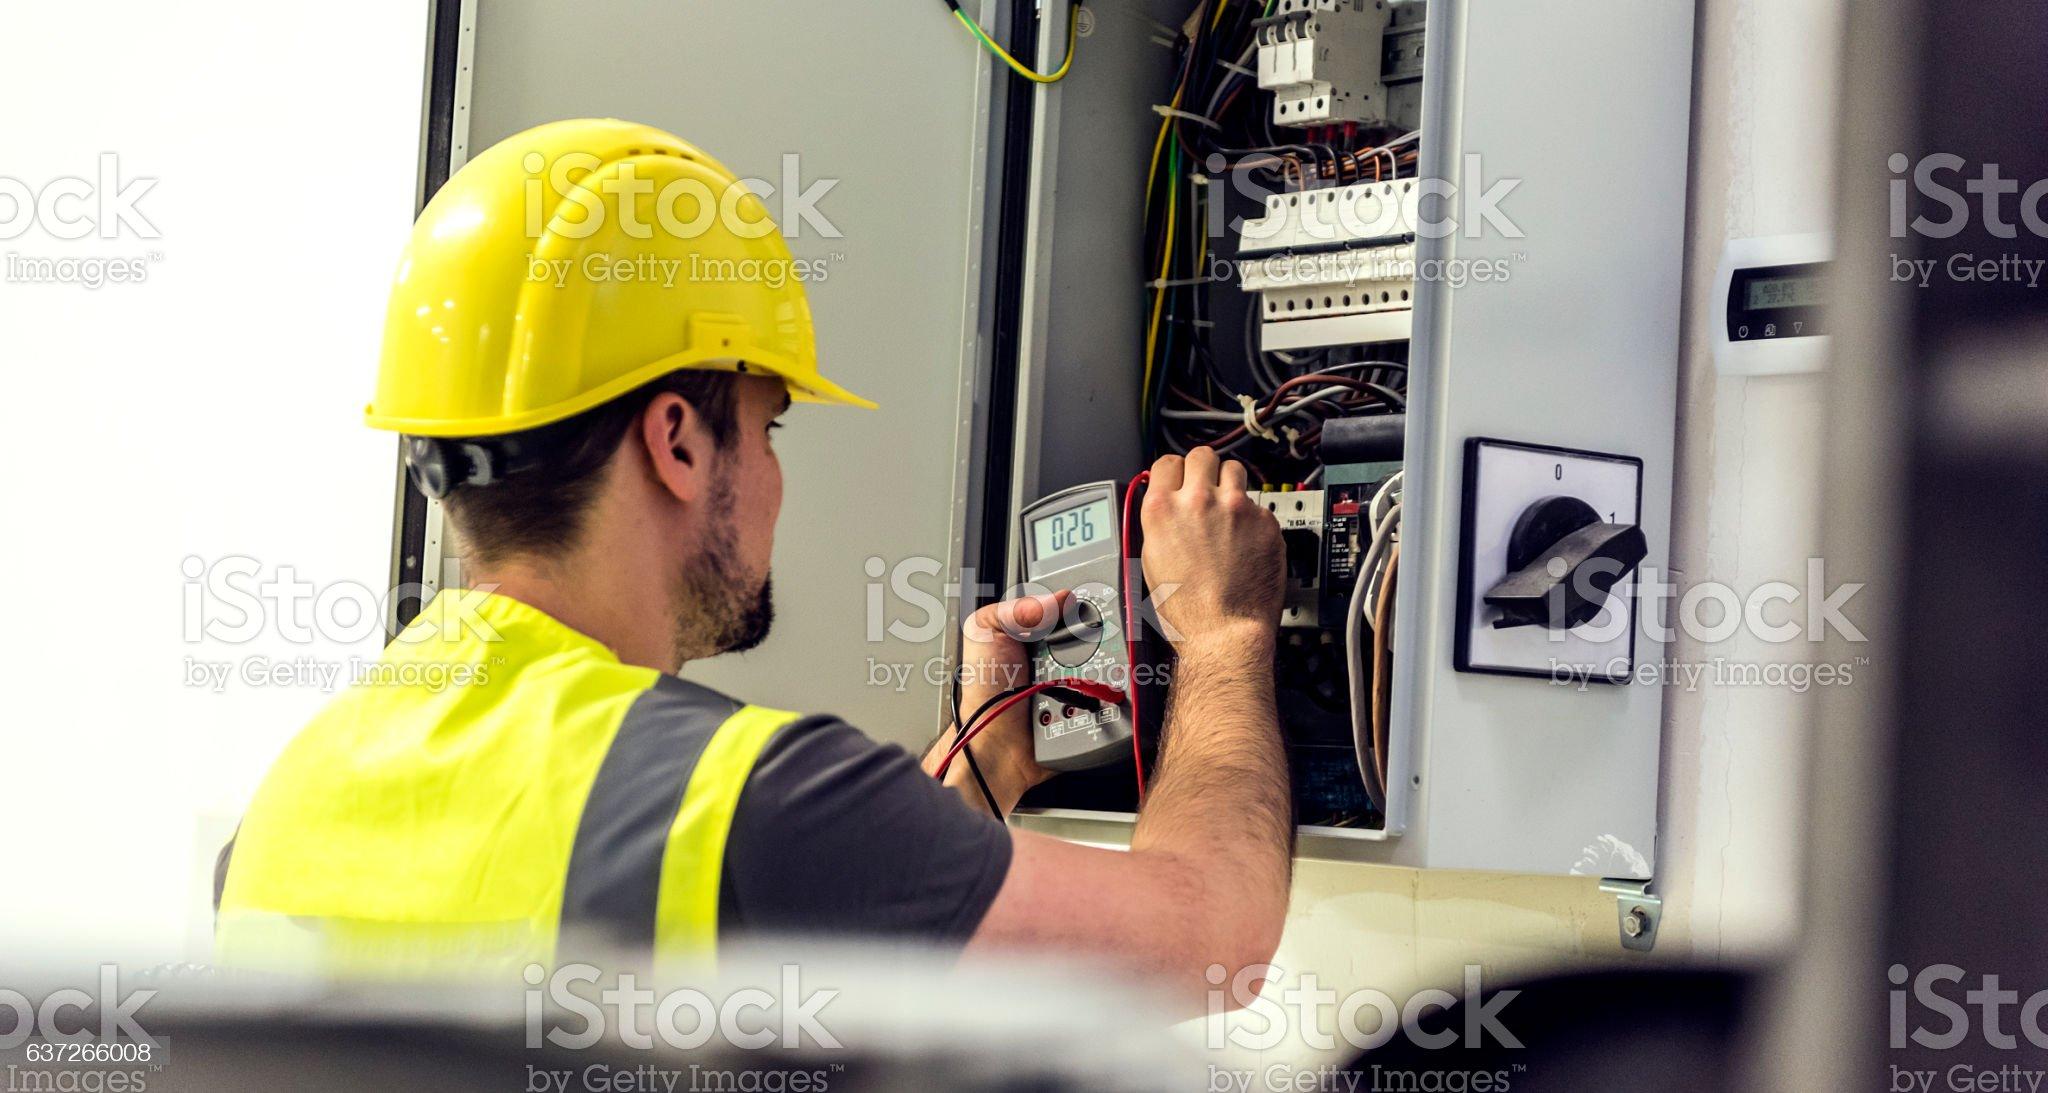 Eletricista assistente de engenharia - Foto de stock de Eletricidade royalty-free